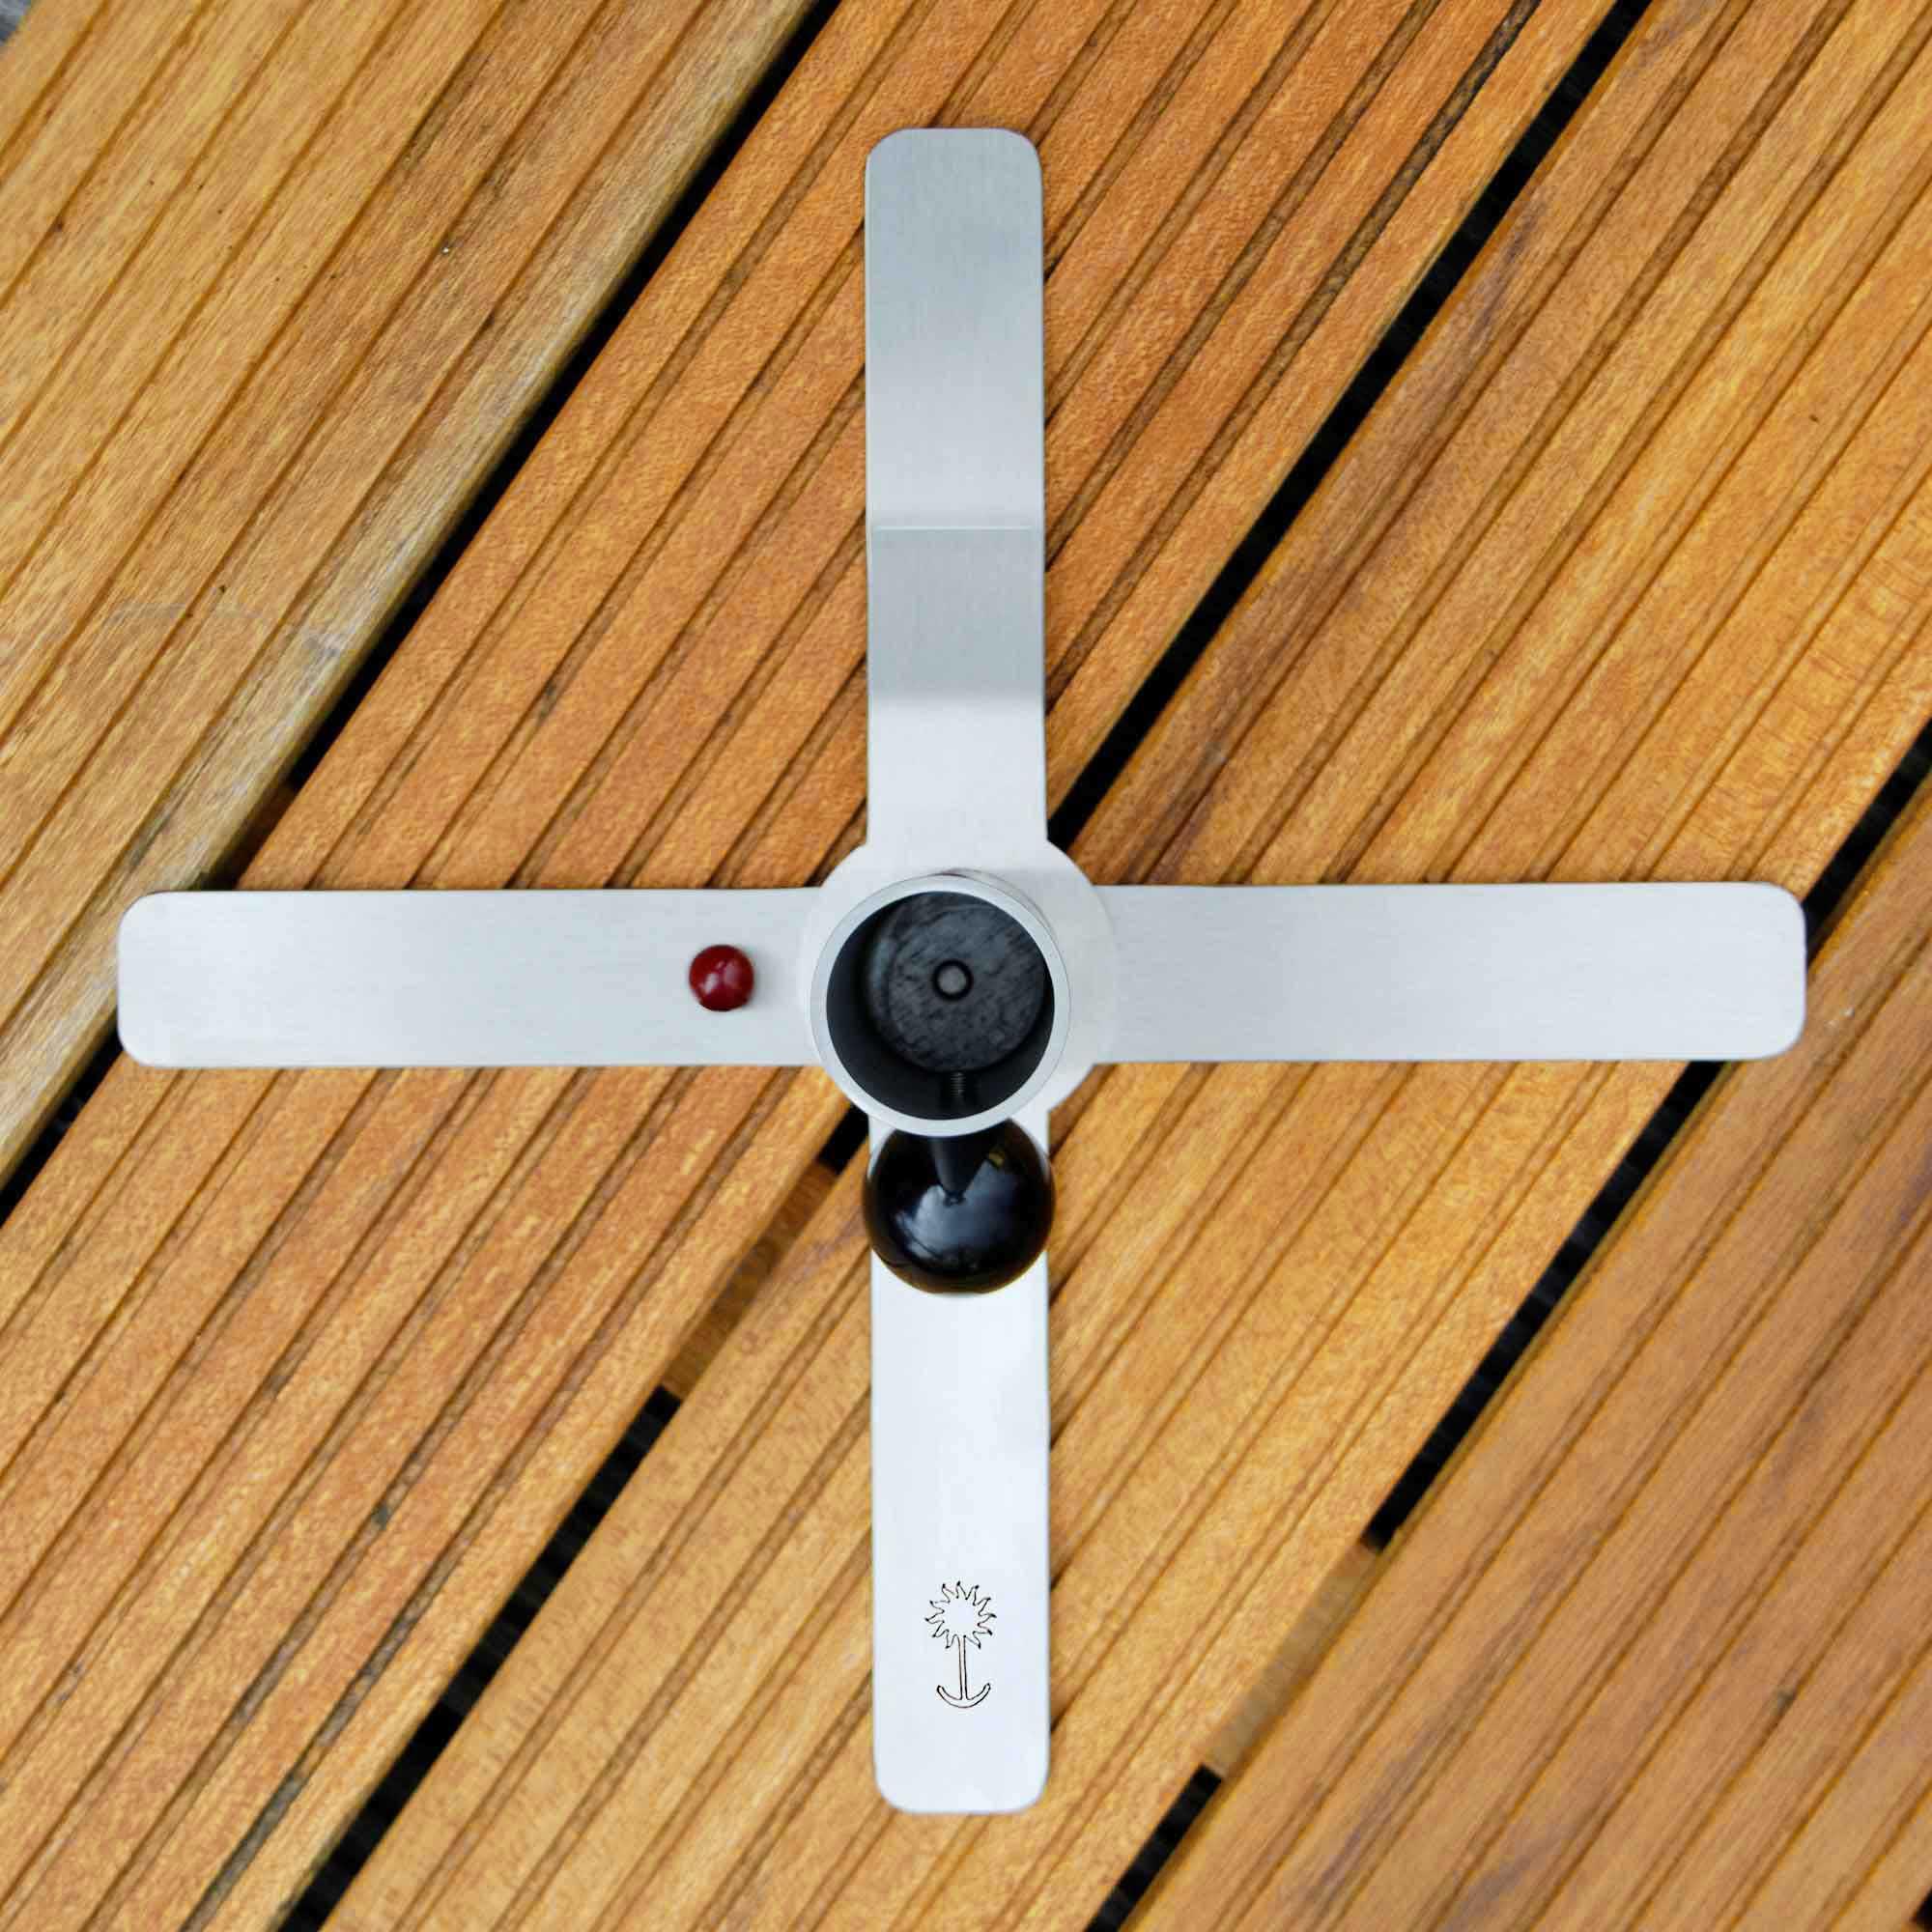 sonnenanker-anker-ständer-Holzdeck-Sonnenschirm-Schirmständer-Edelstahl-Kreuzfuss-diagonal